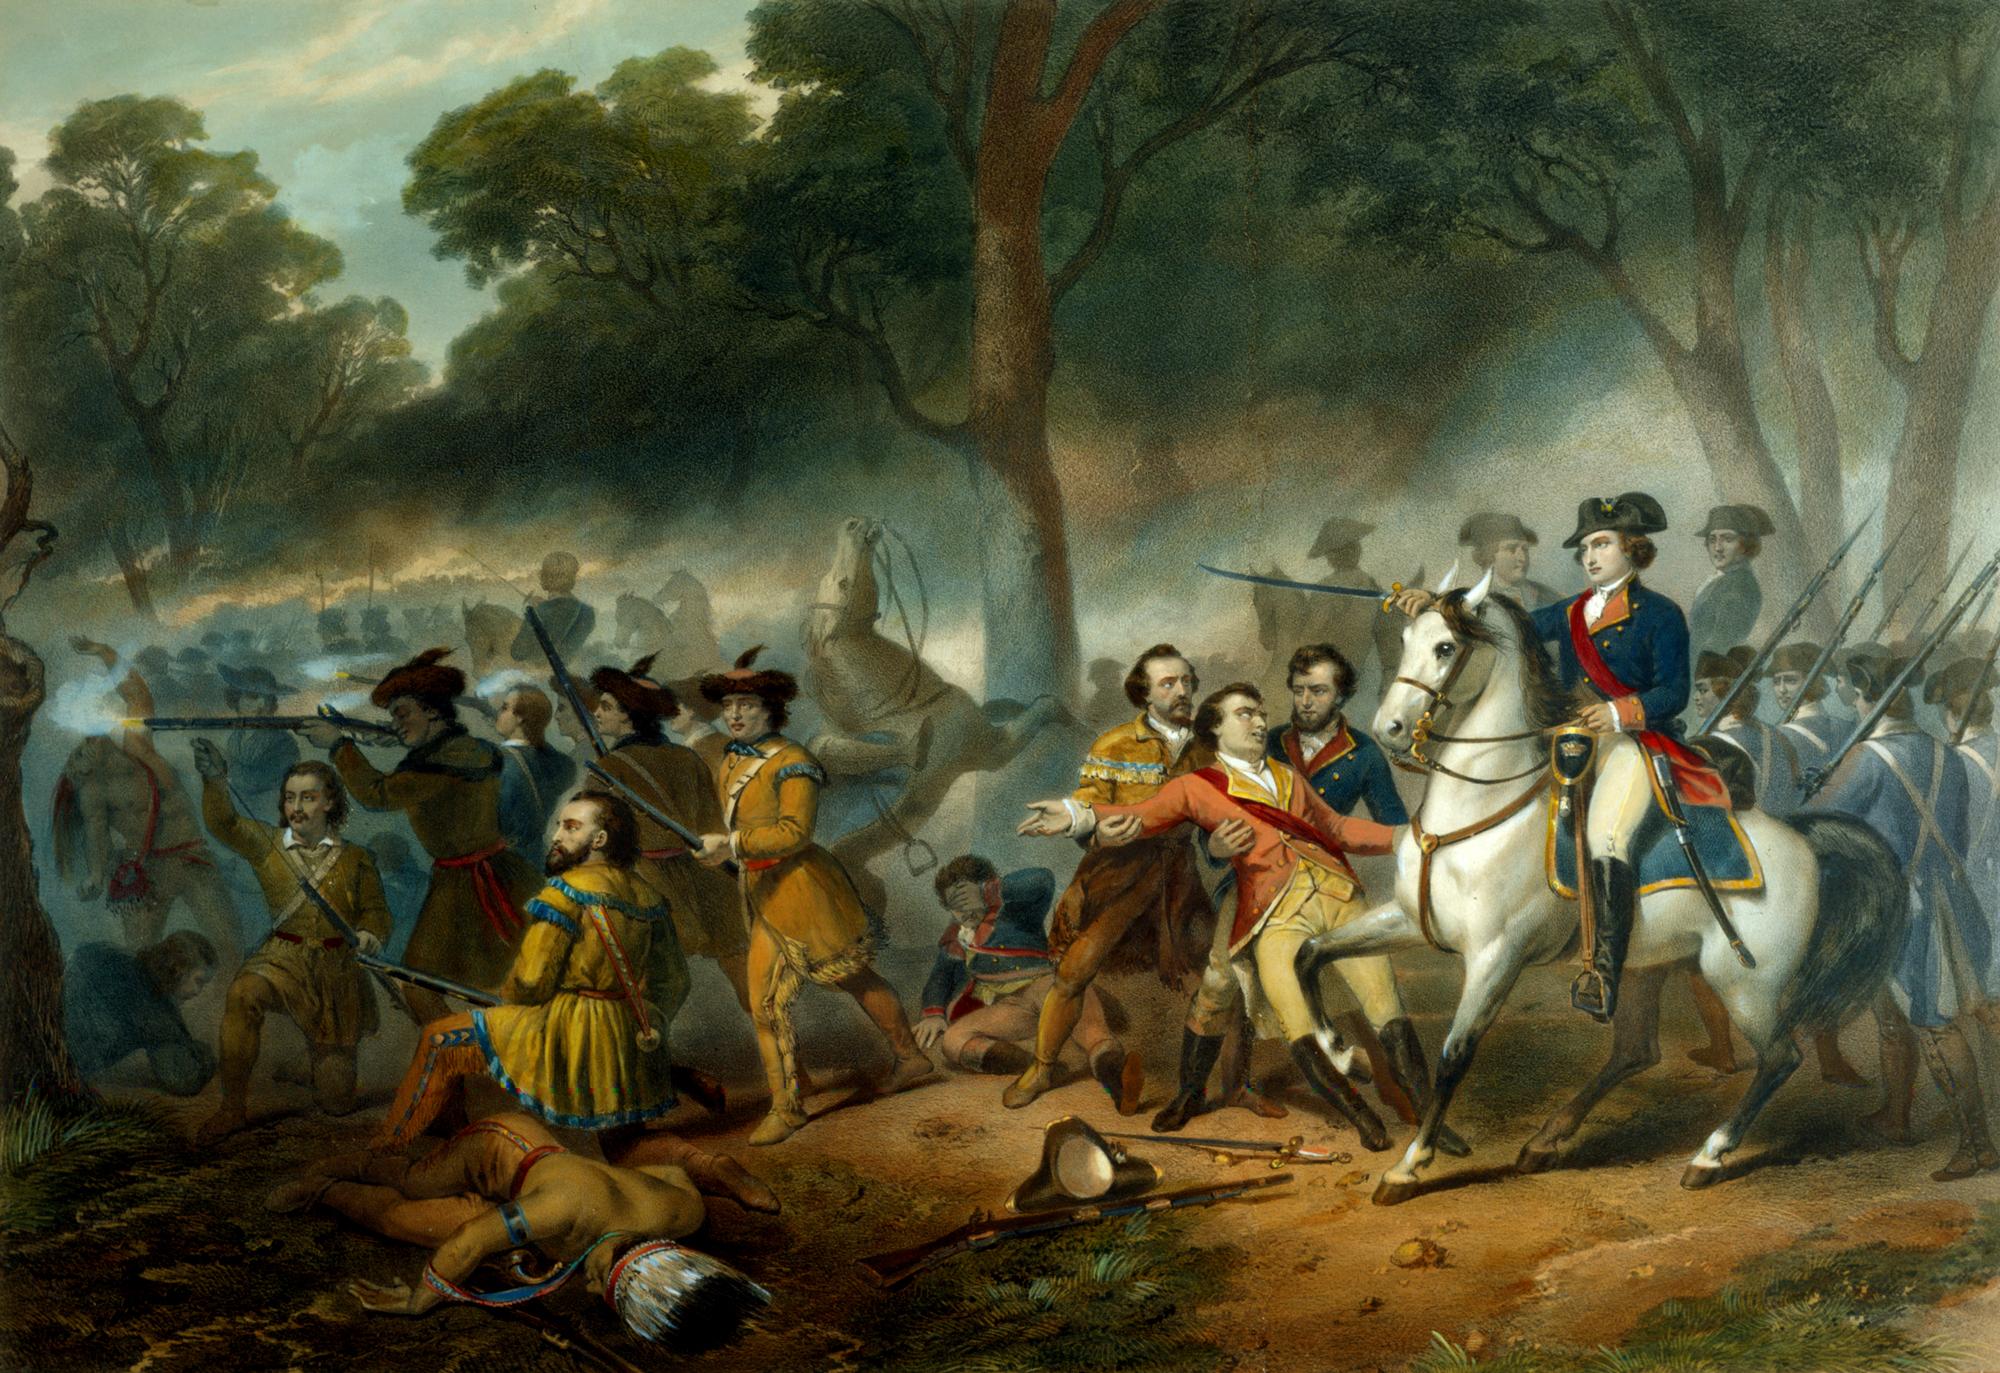 The Battle of Monongahela [CT-6534]